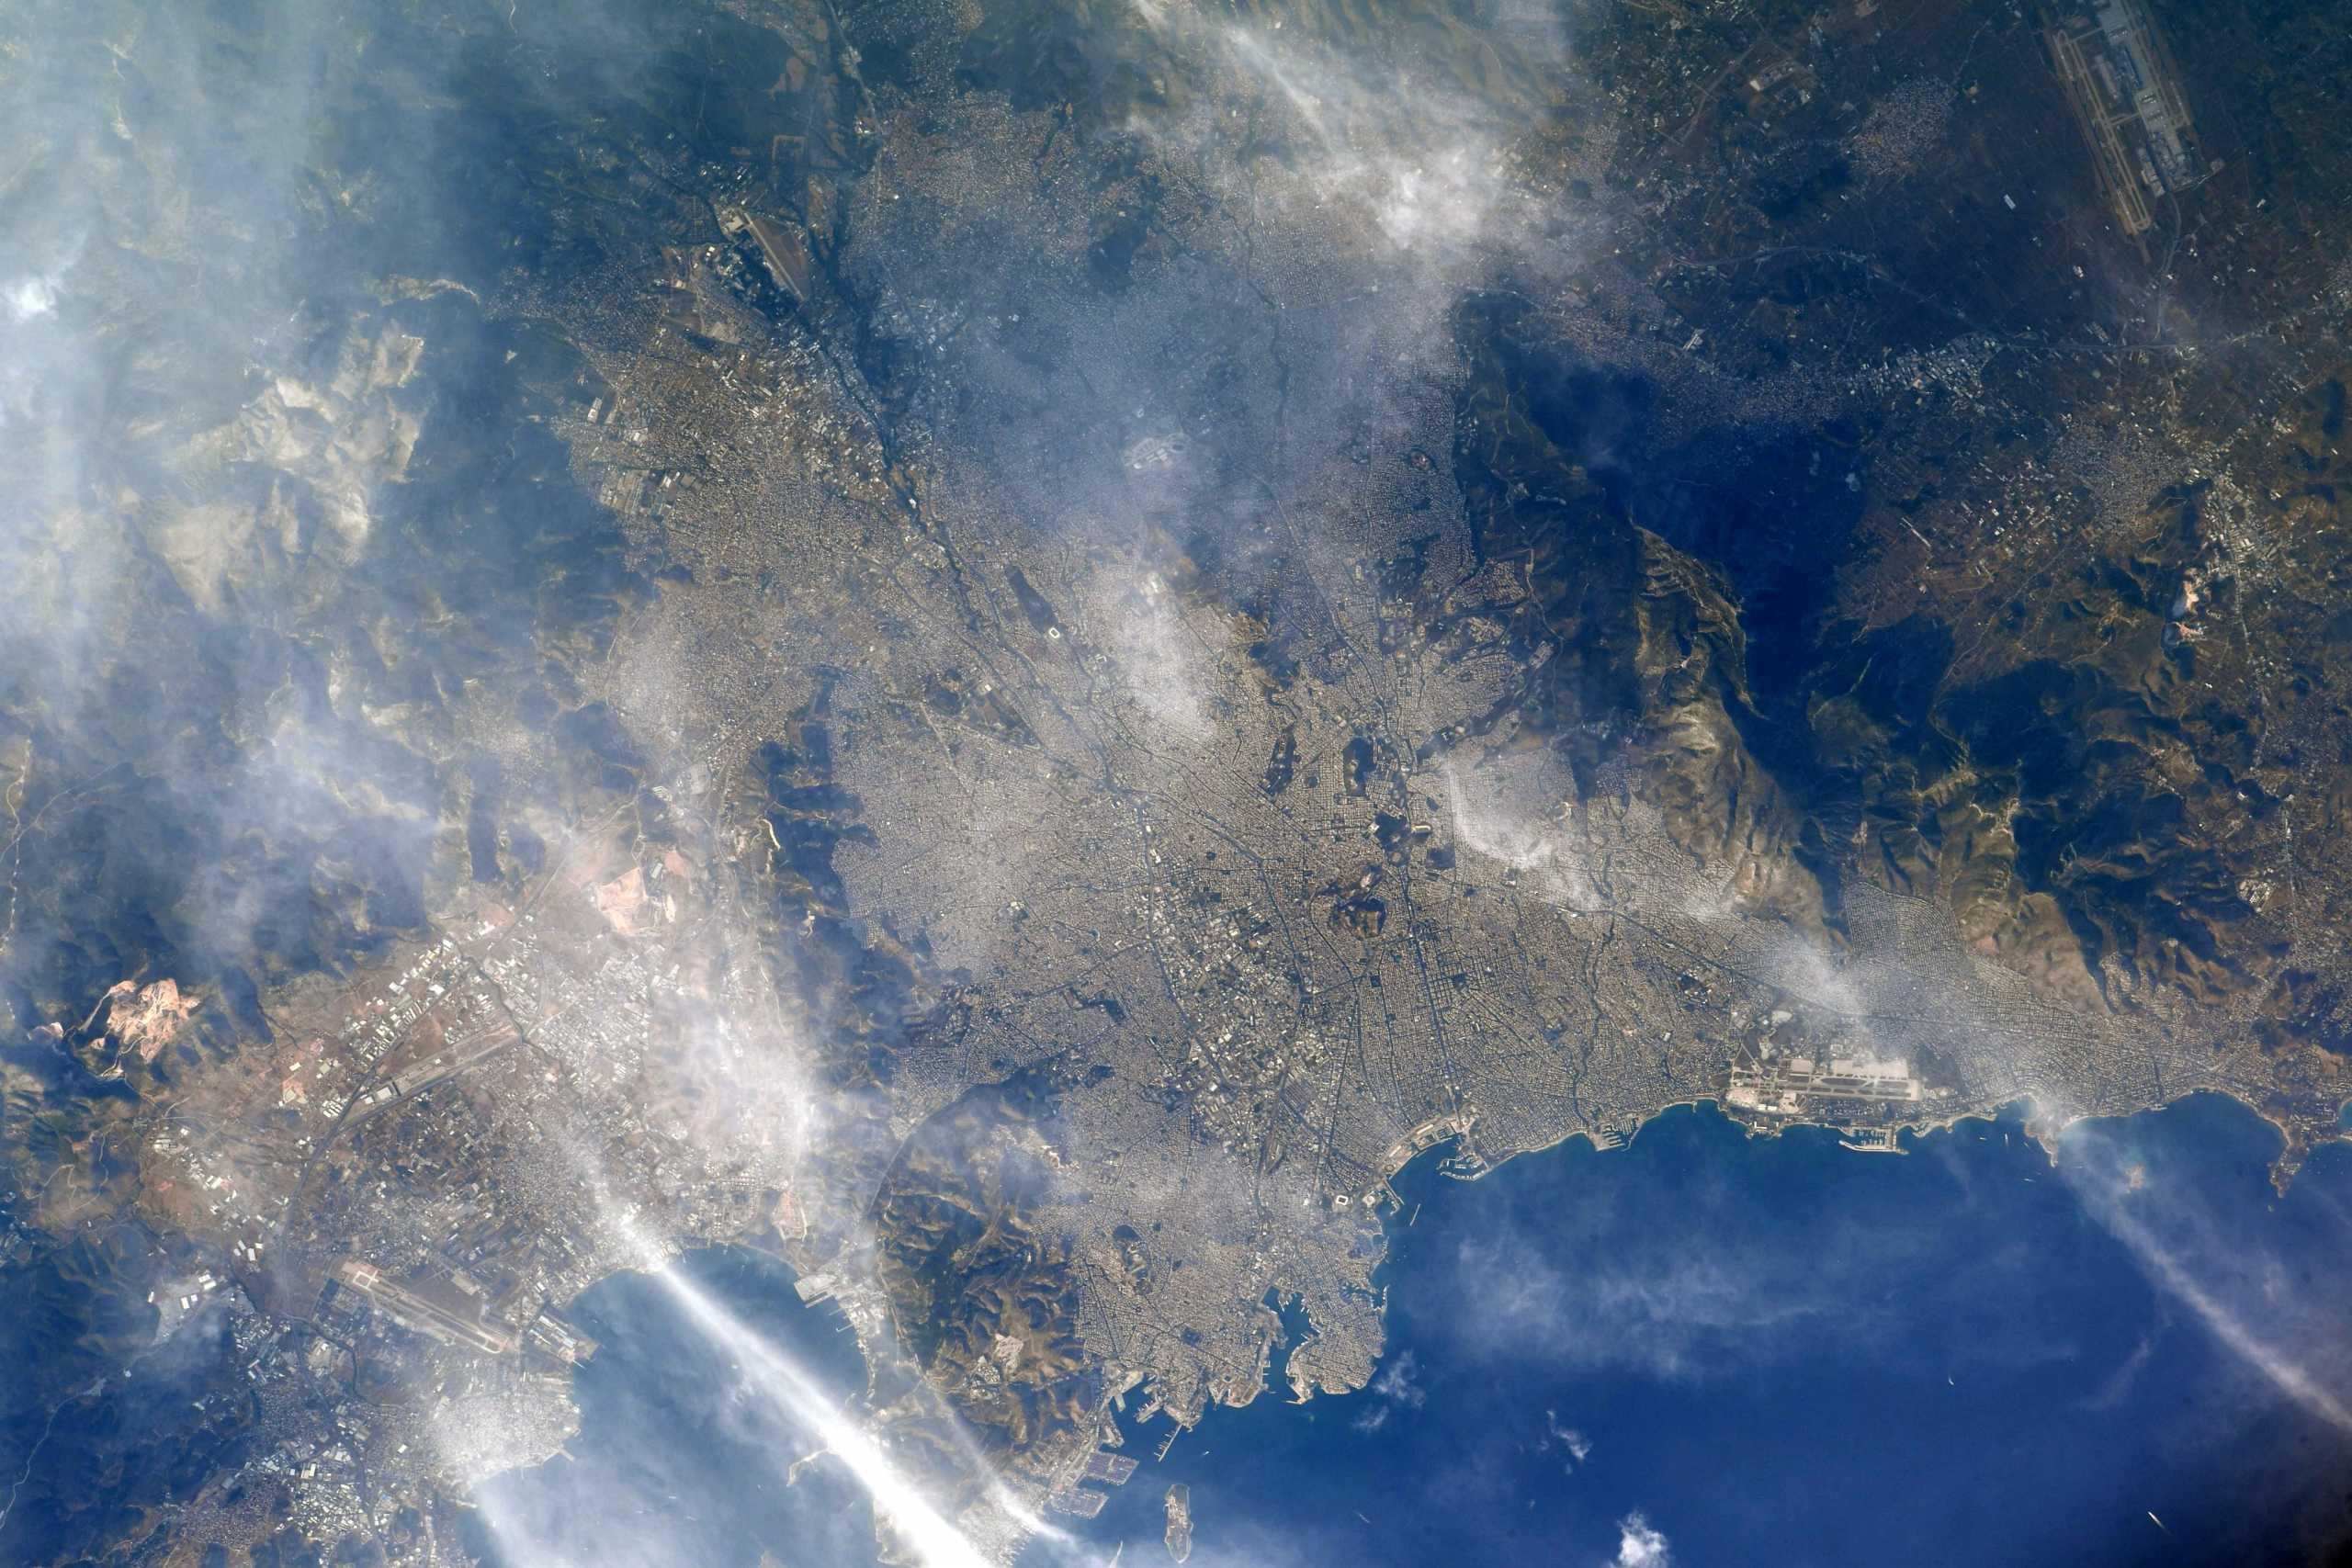 Η Αθήνα από τον Διεθνή Διαστημικό Σταθμό! Η εντυπωσιακή εικόνα Αμερικανού αστροναύτη